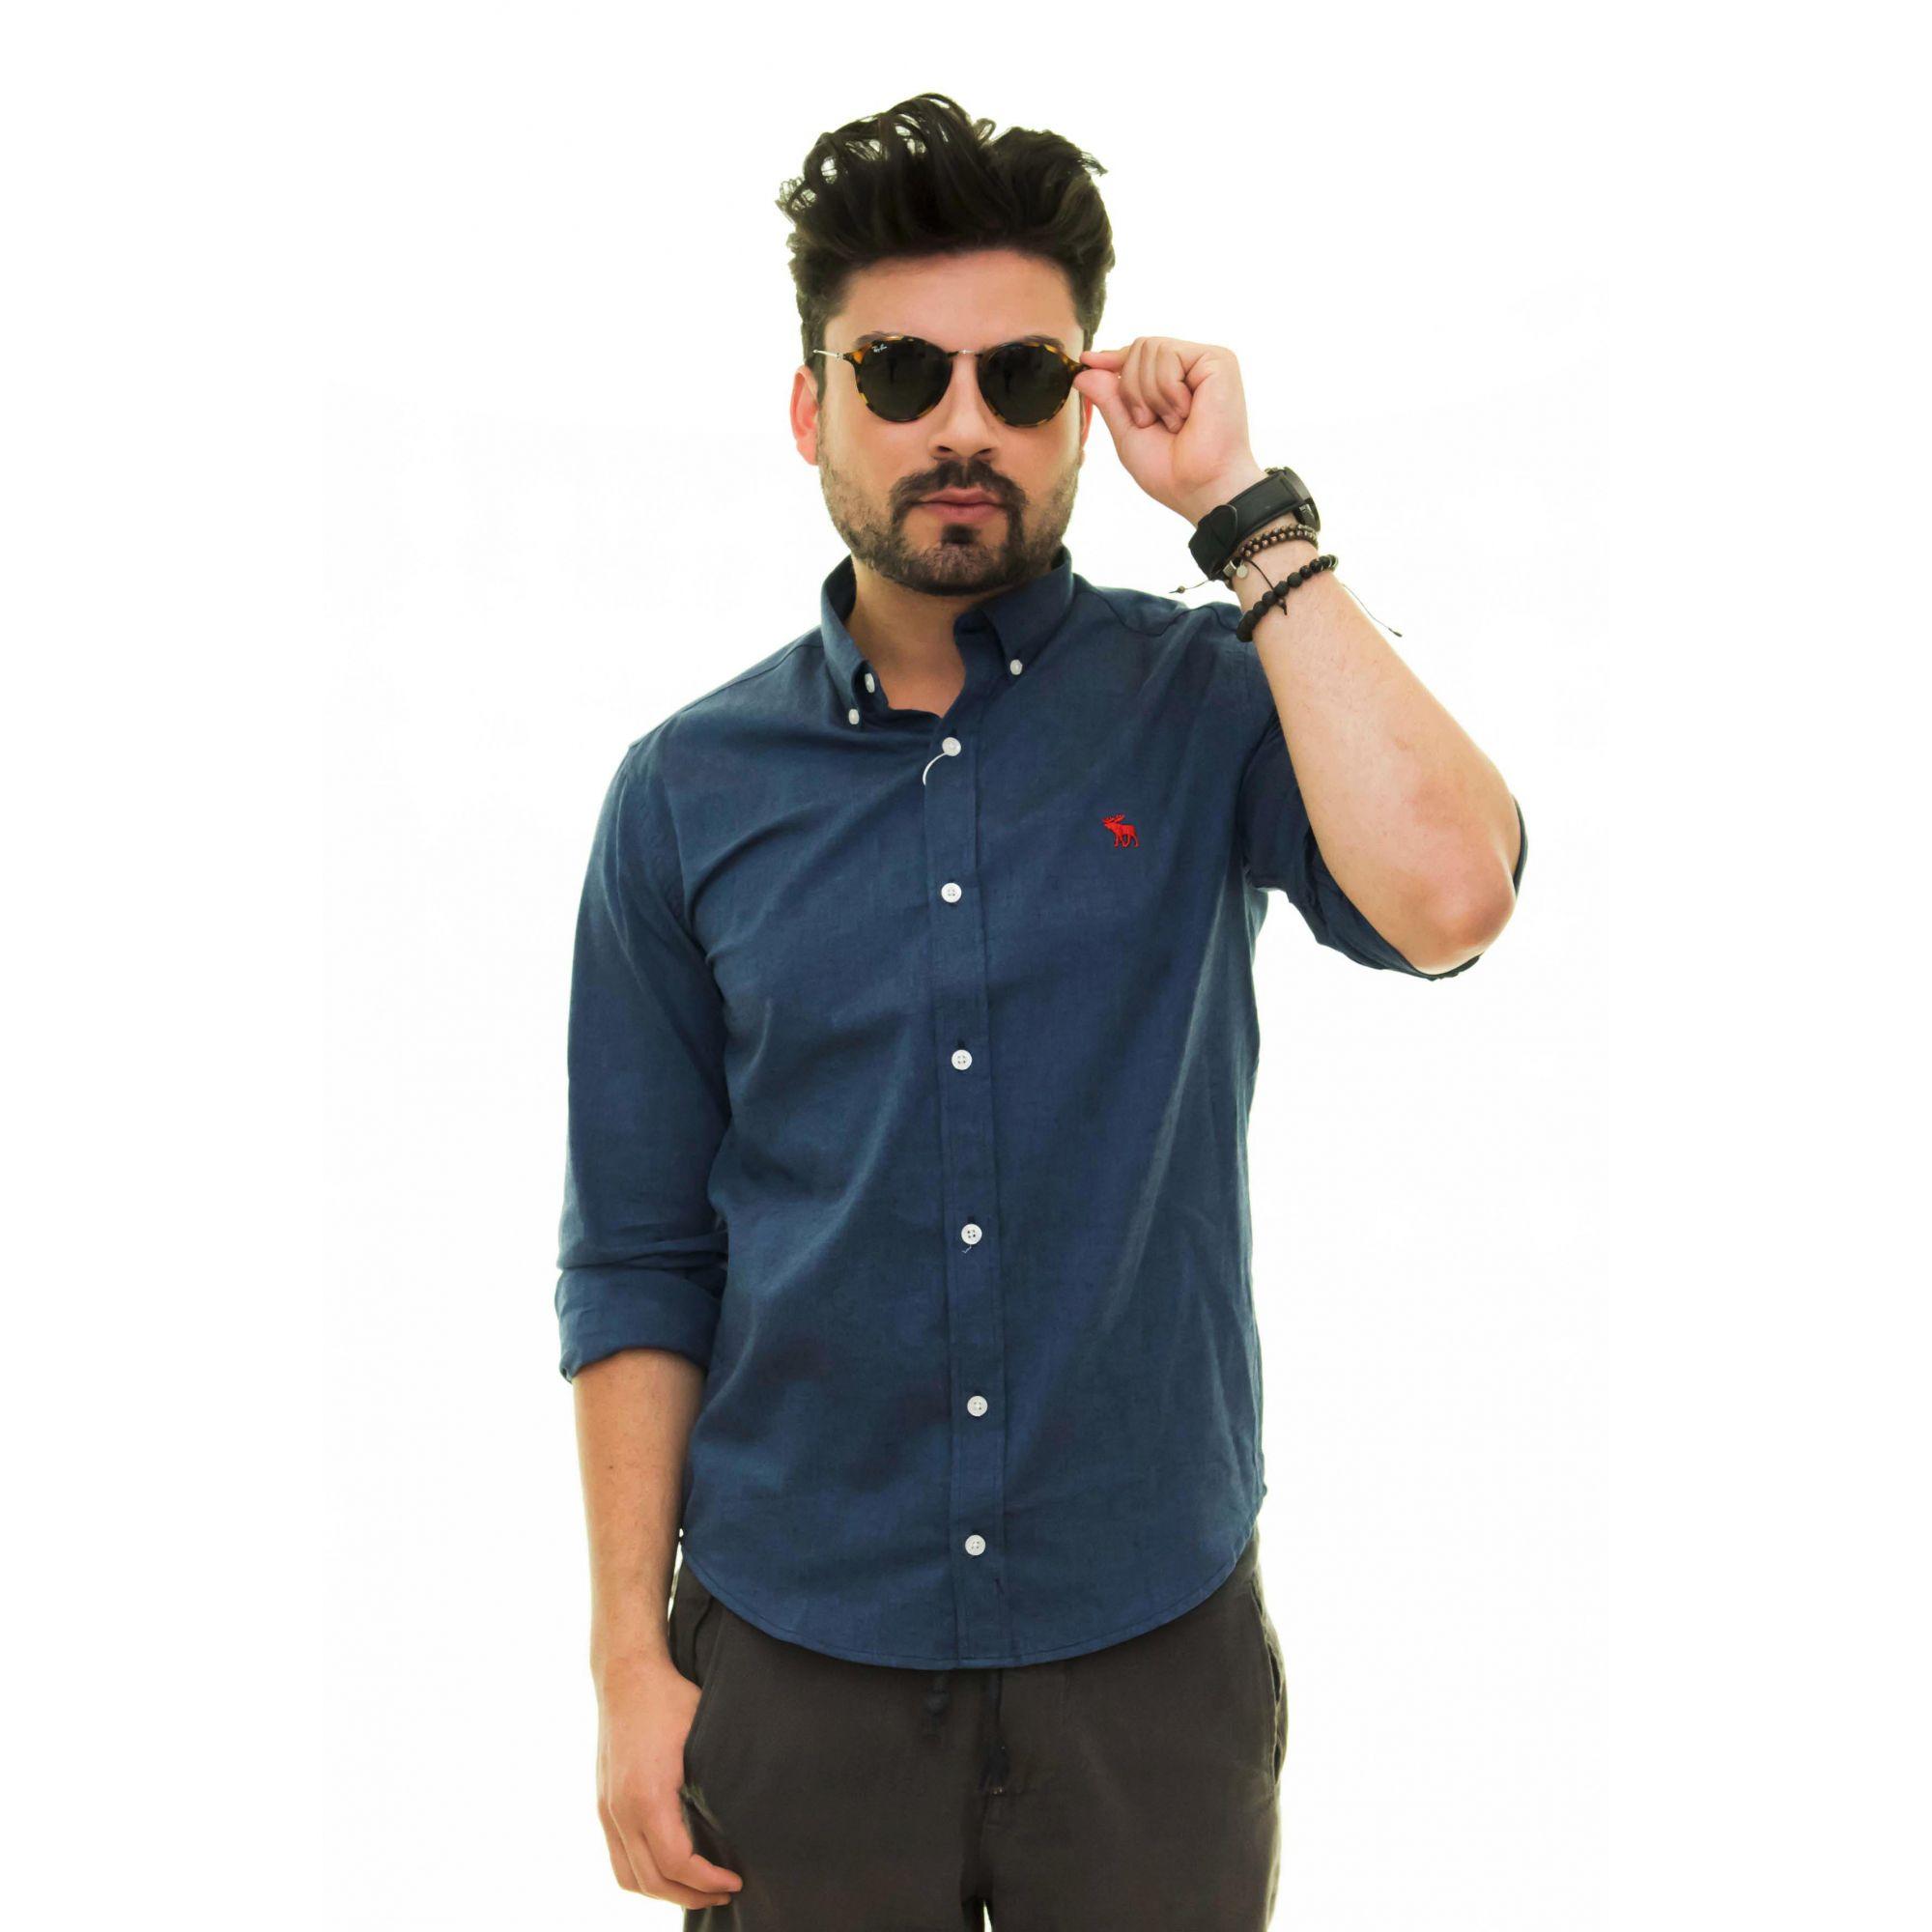 Camisa Social Oxford ABR Marinho  - Ca Brasileira